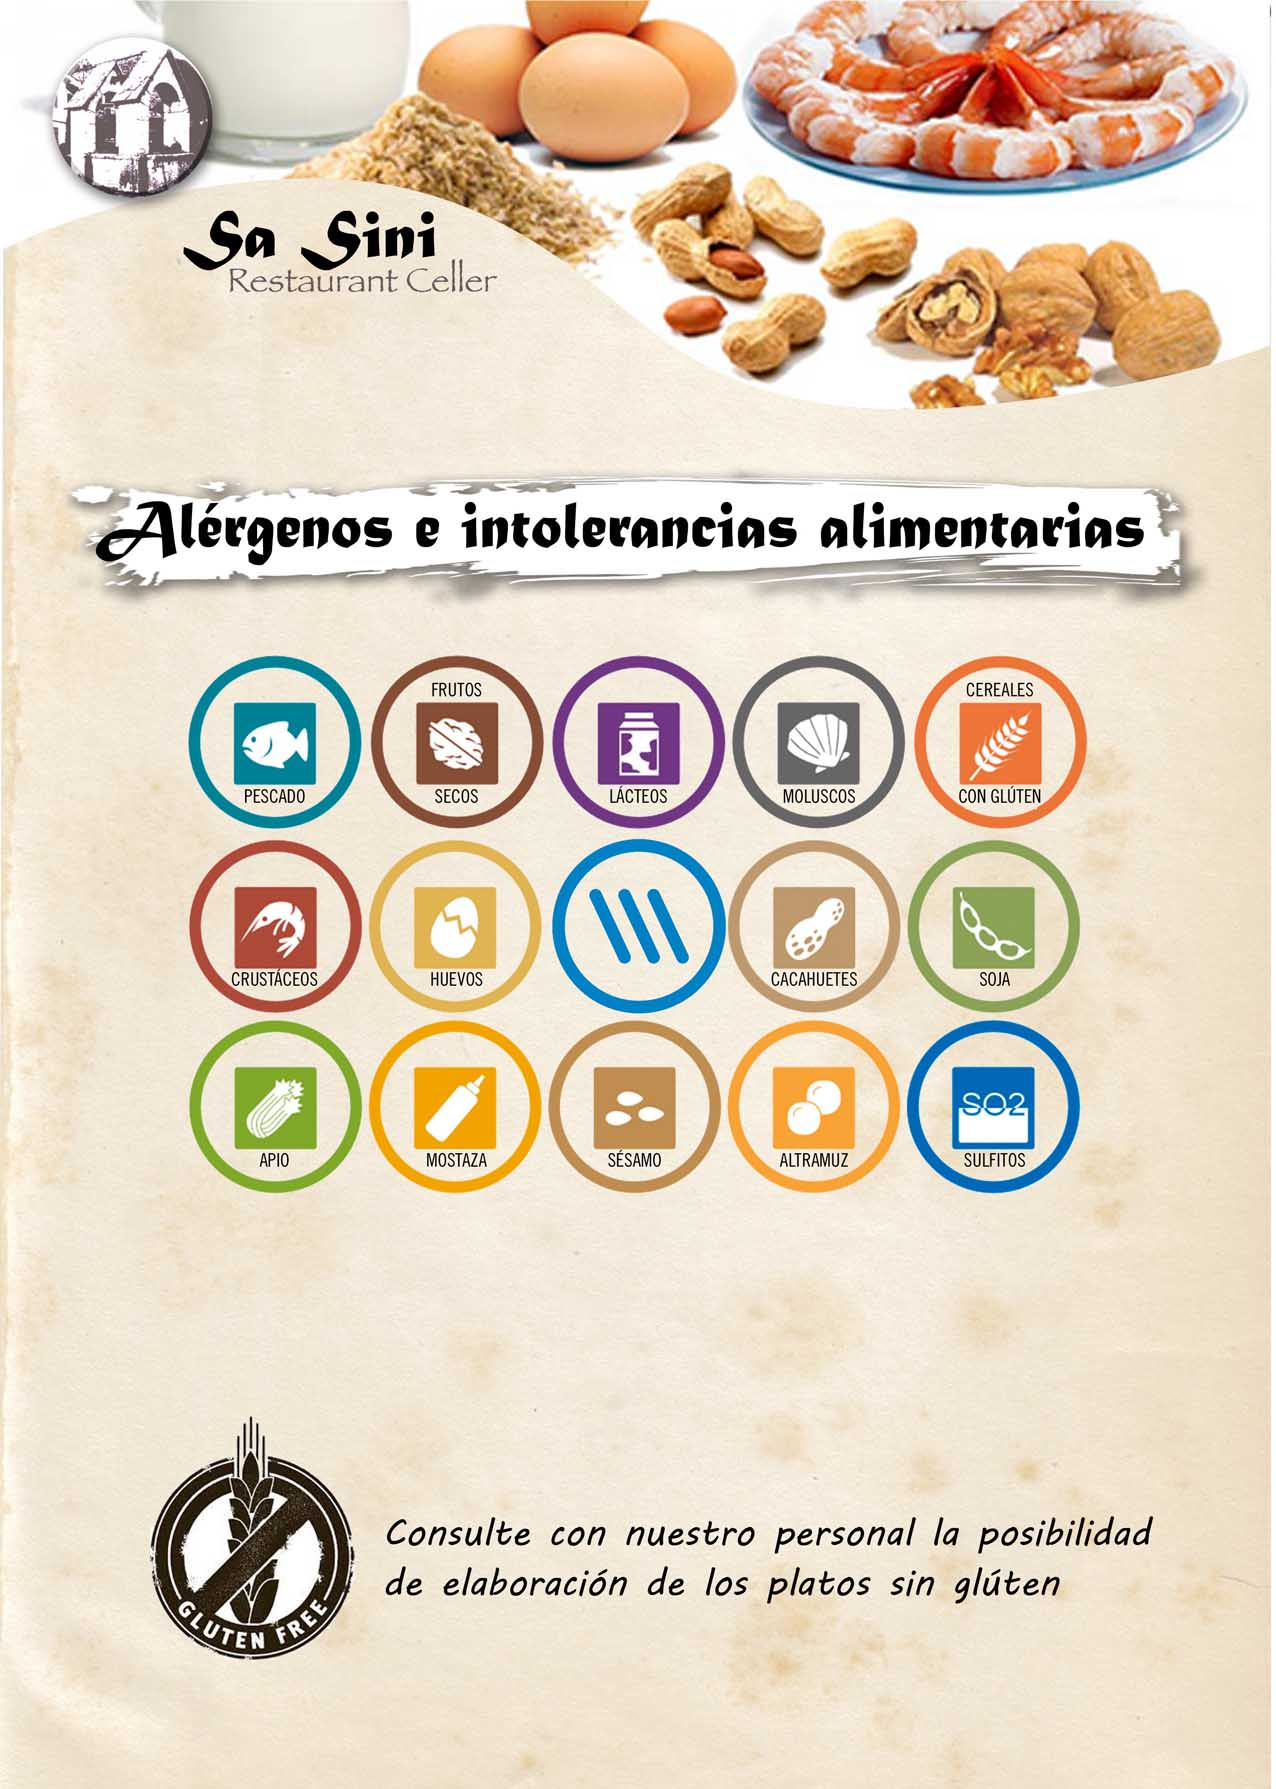 09_intolerancias_sa_sini